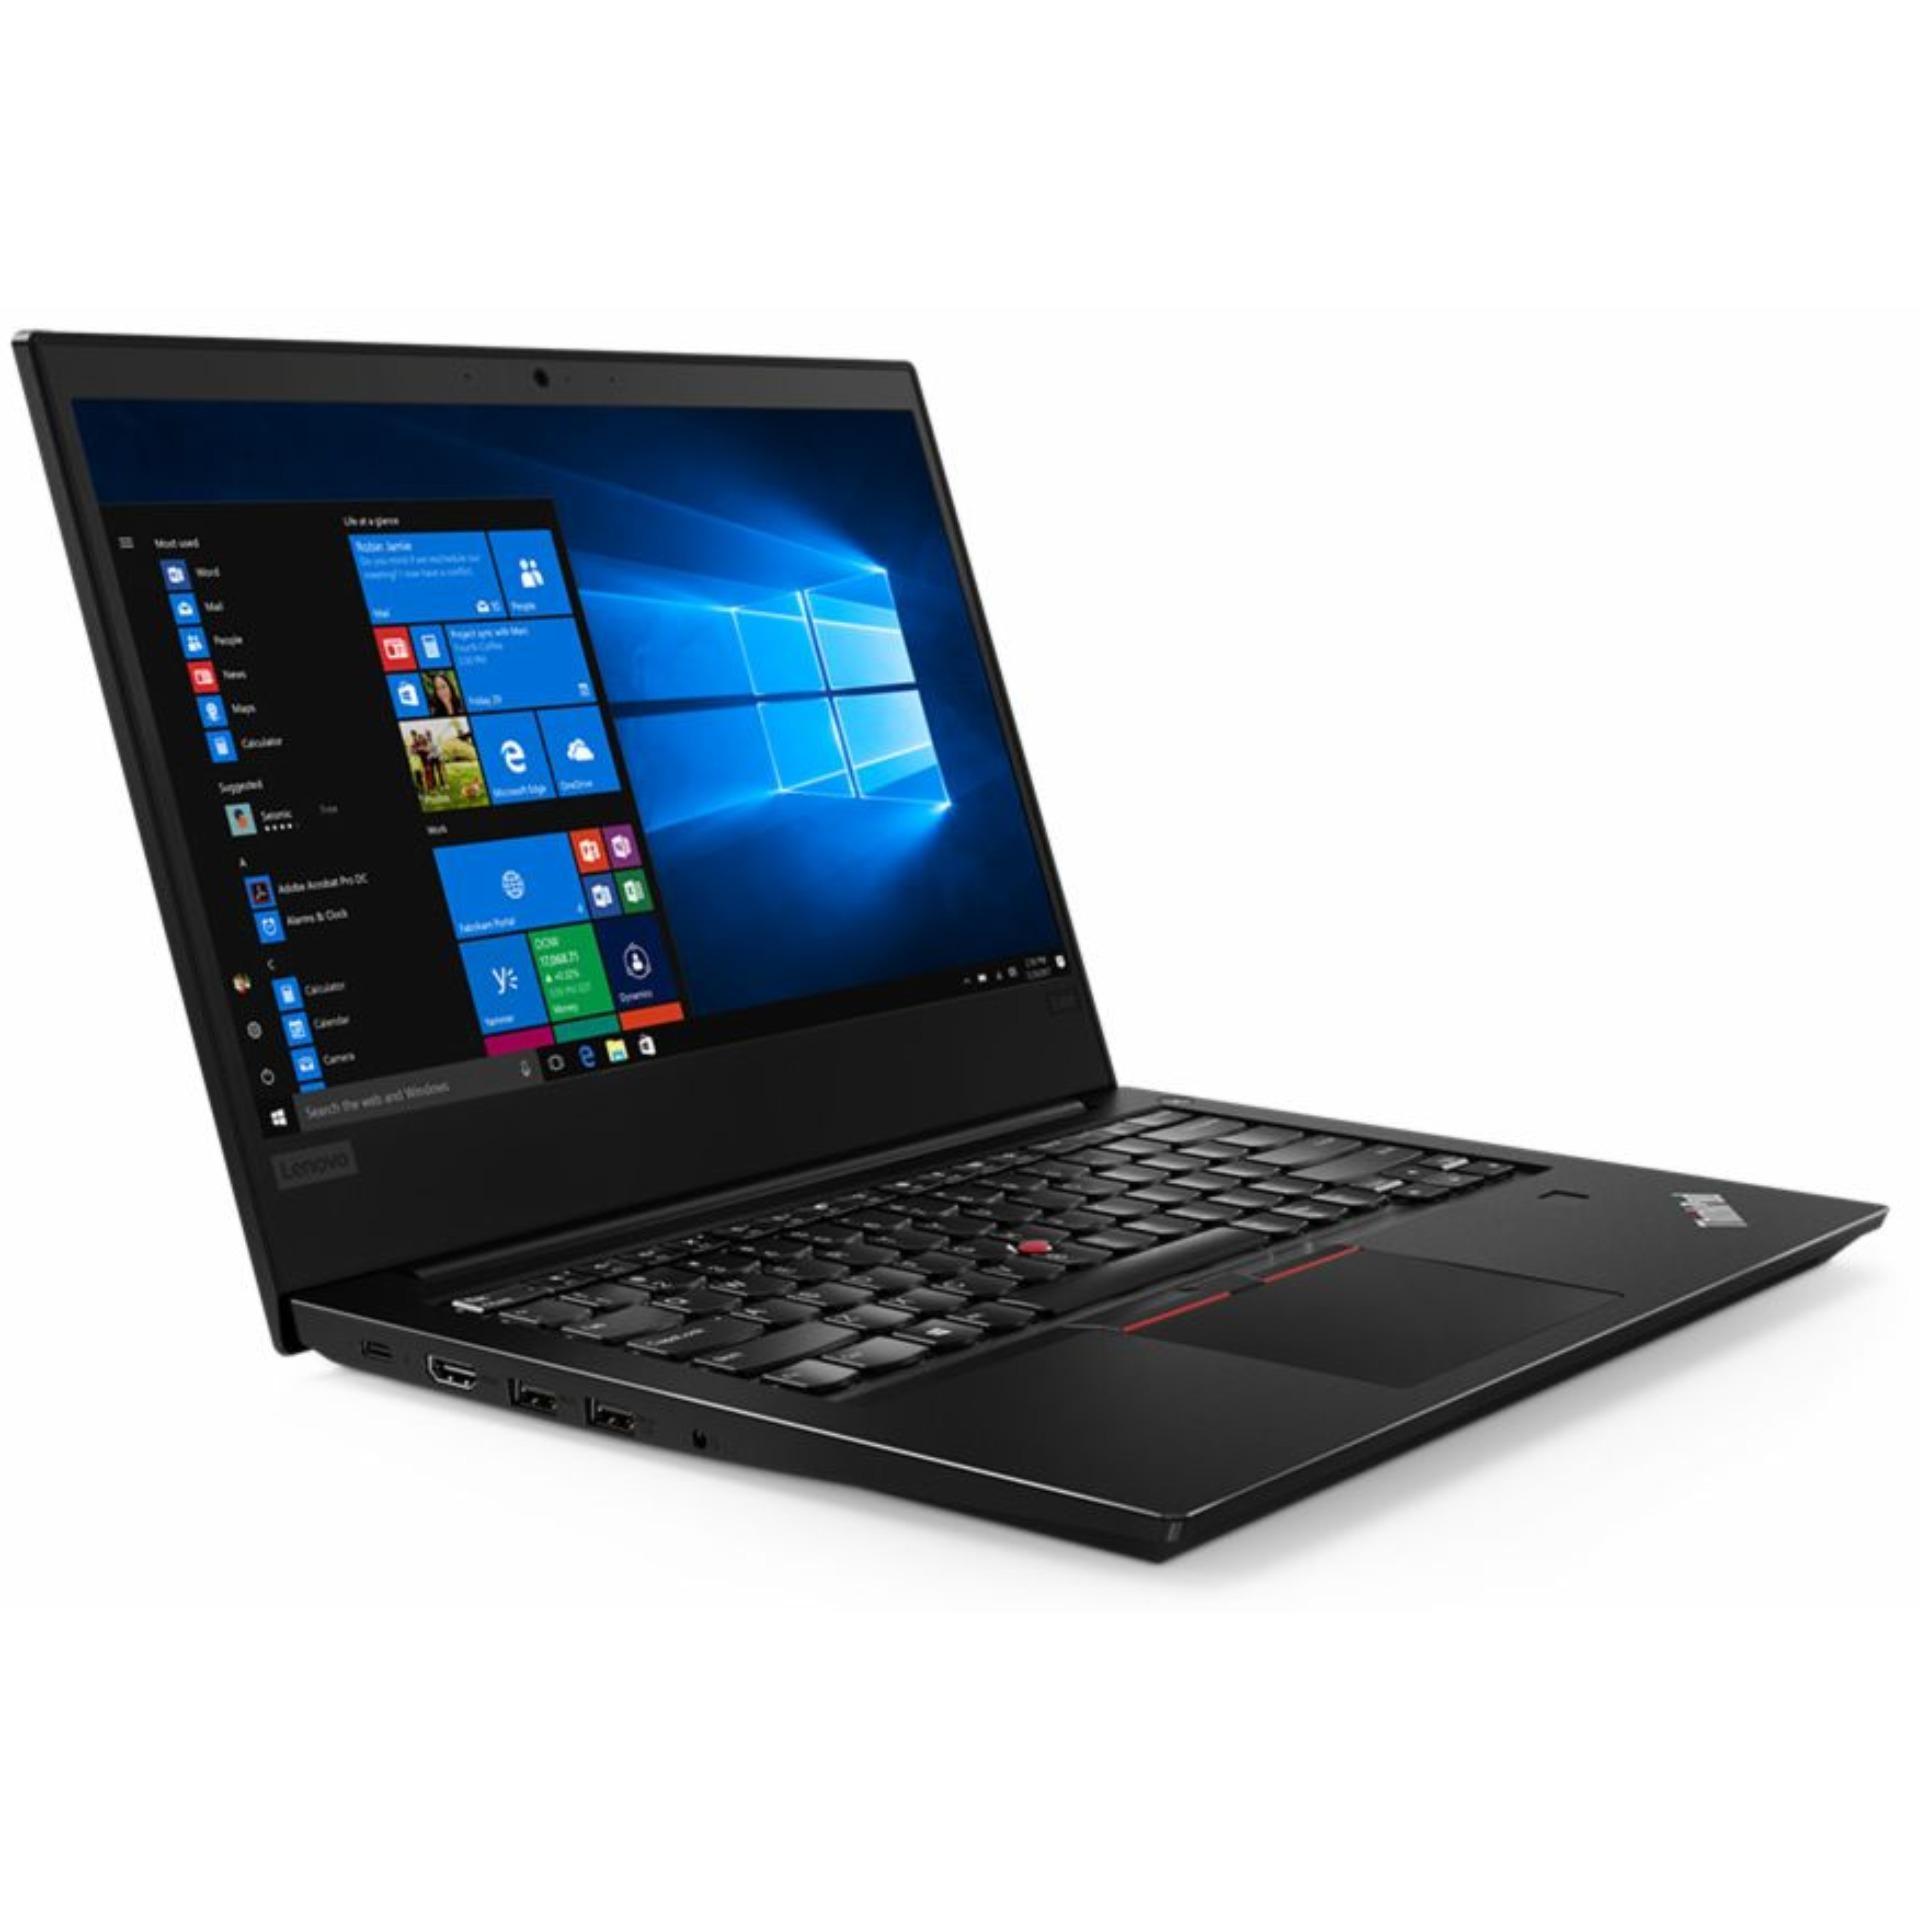 Lenovo Thinkpad E480-49ID Core i5-8250U - 4GB DDR4 - 1TB - Windows10 Pro  - 1 Year Warranty